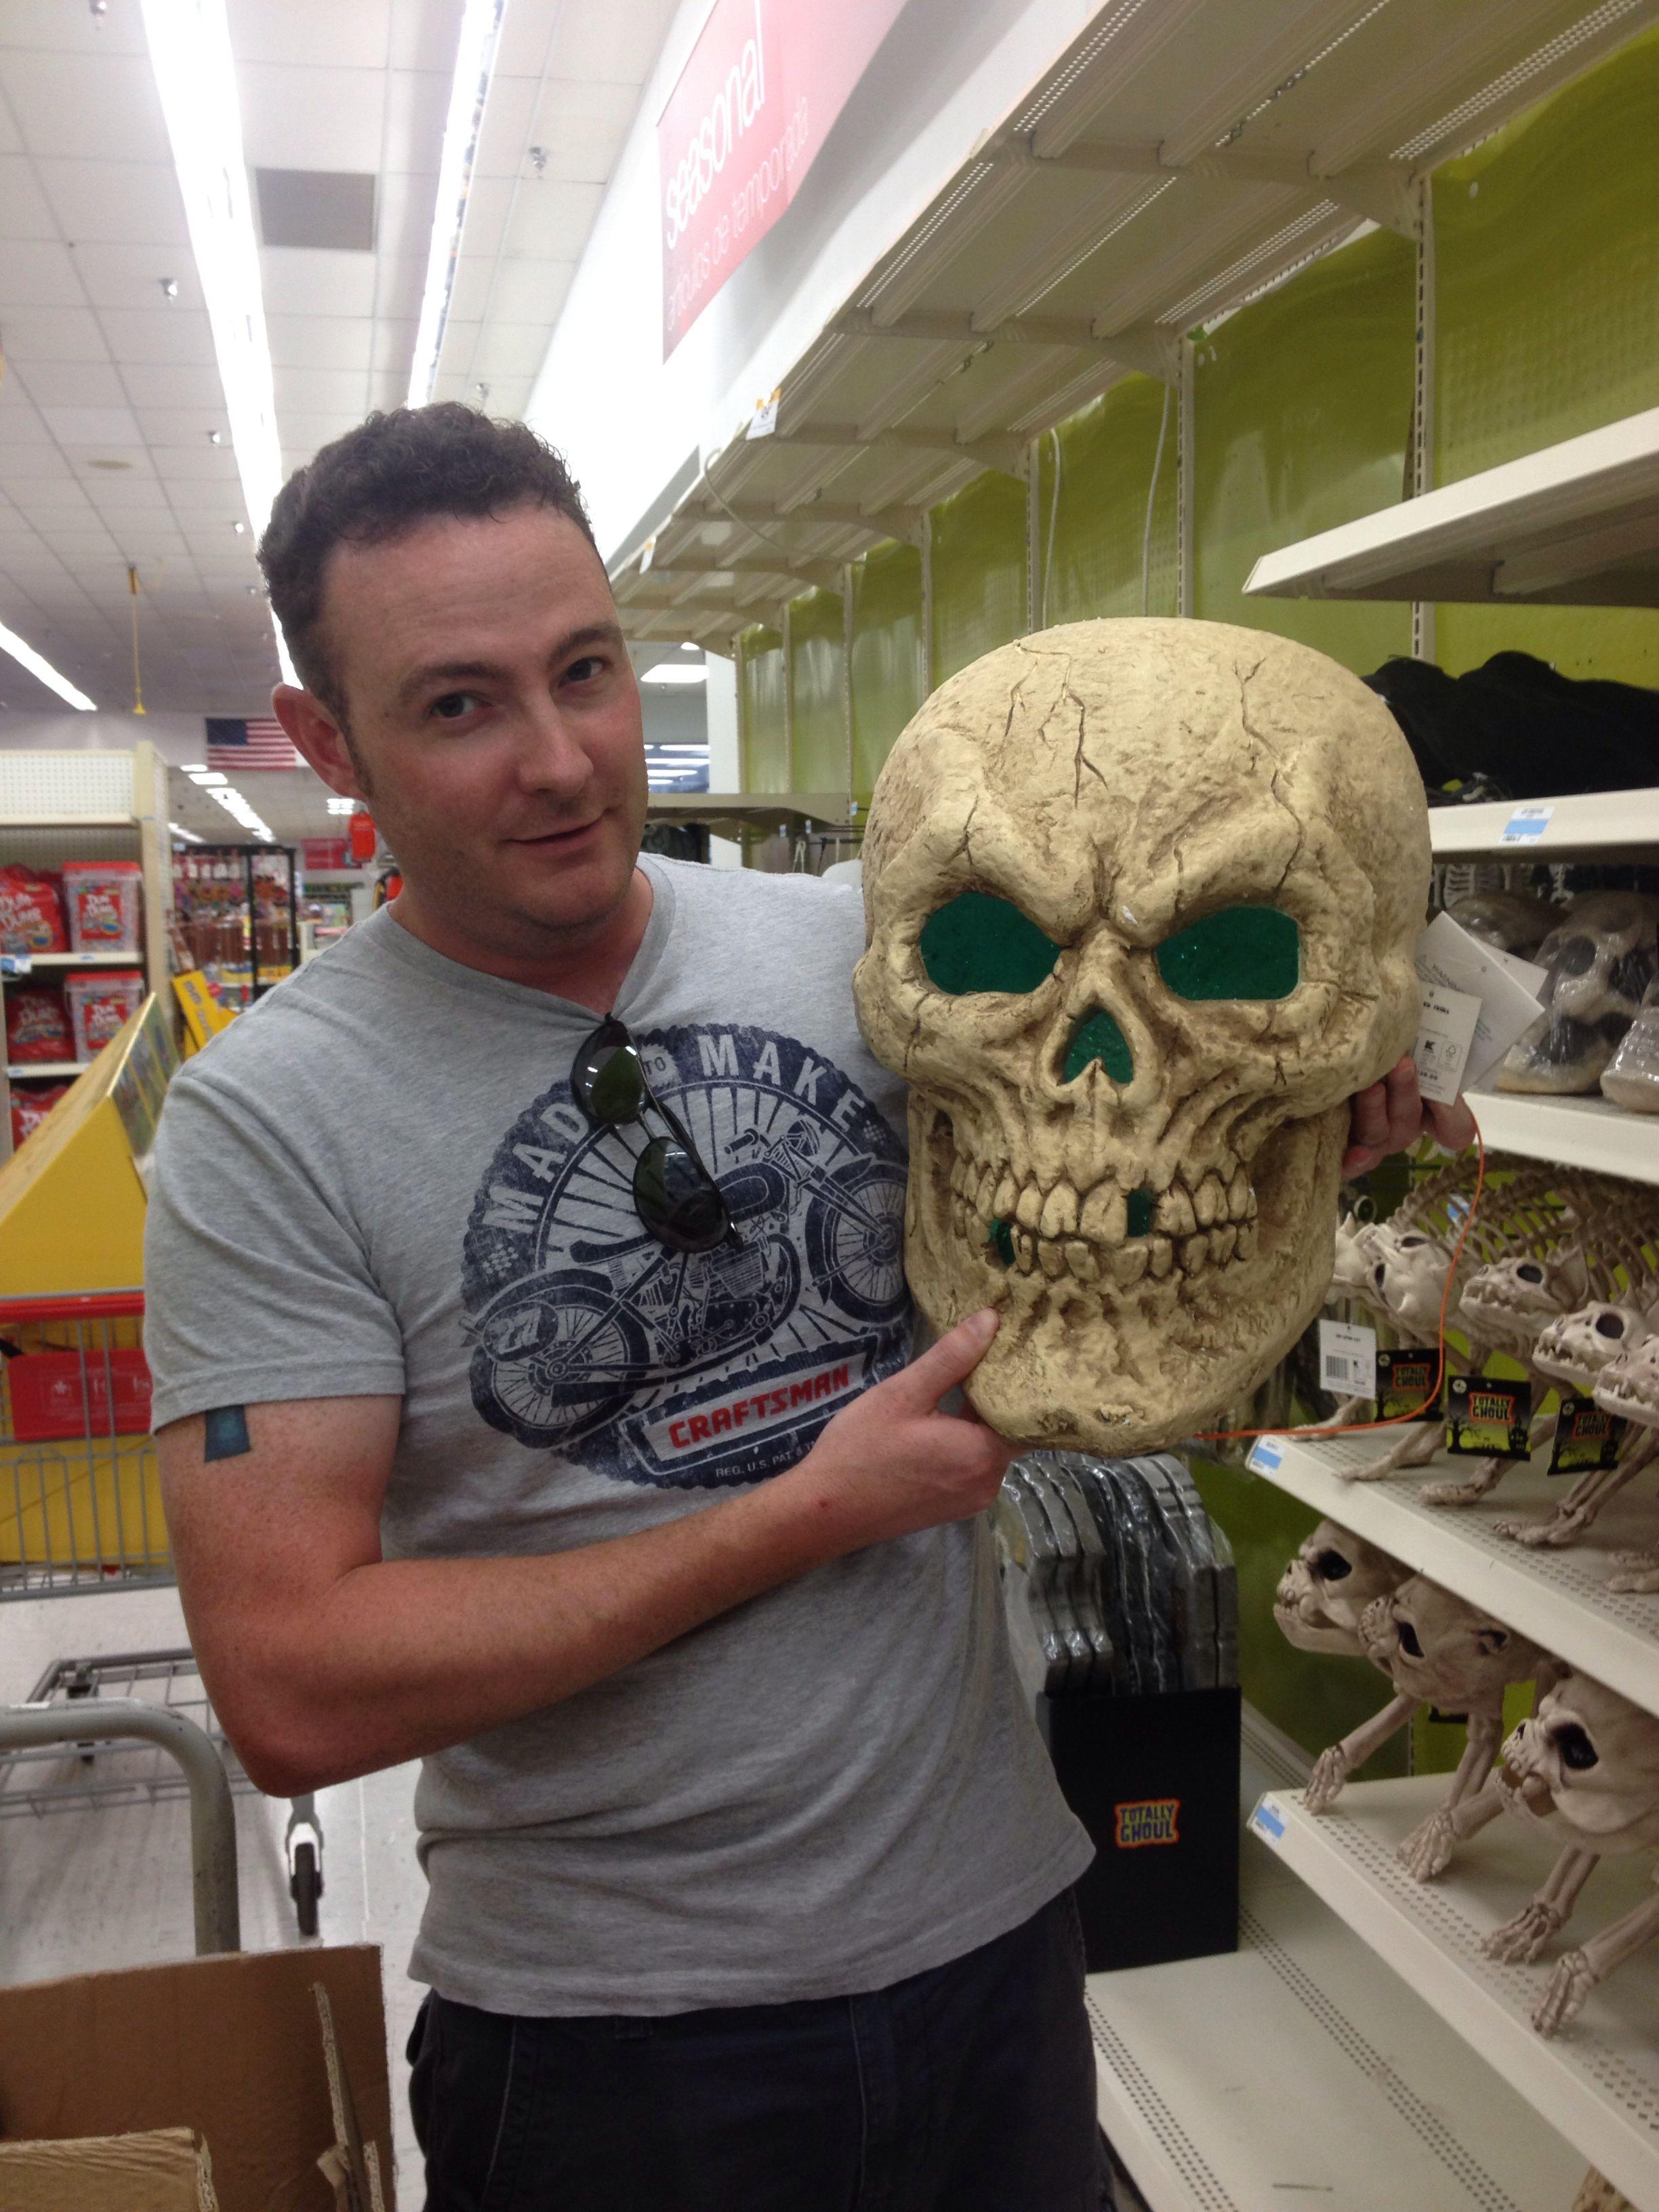 giant light up skull at kmart halloween decorations - Kmart Halloween Decorations